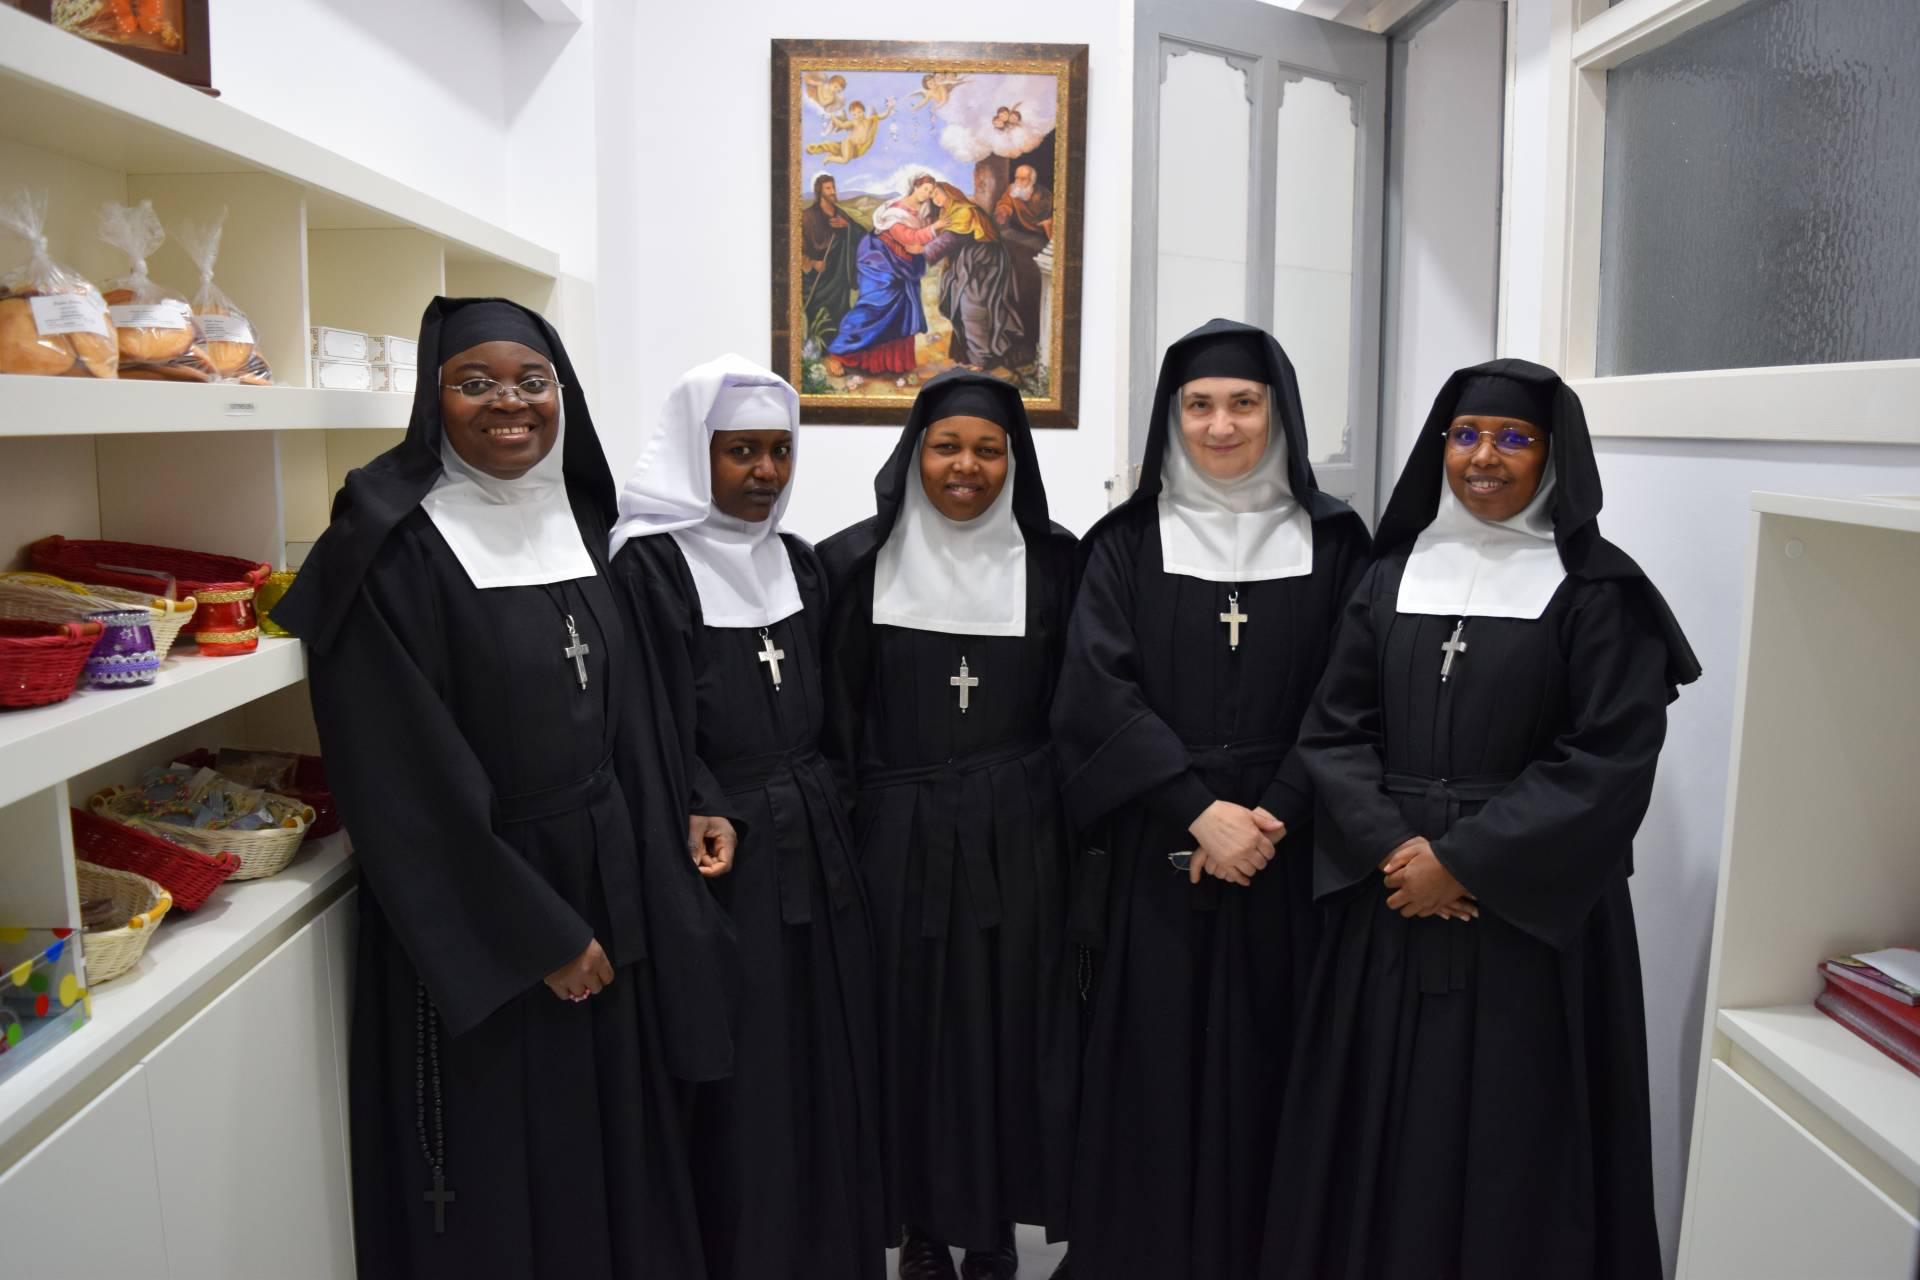 La madre Begoña, con algunas de las africanas que viven en el monasterio de la Visitación de Burgos.